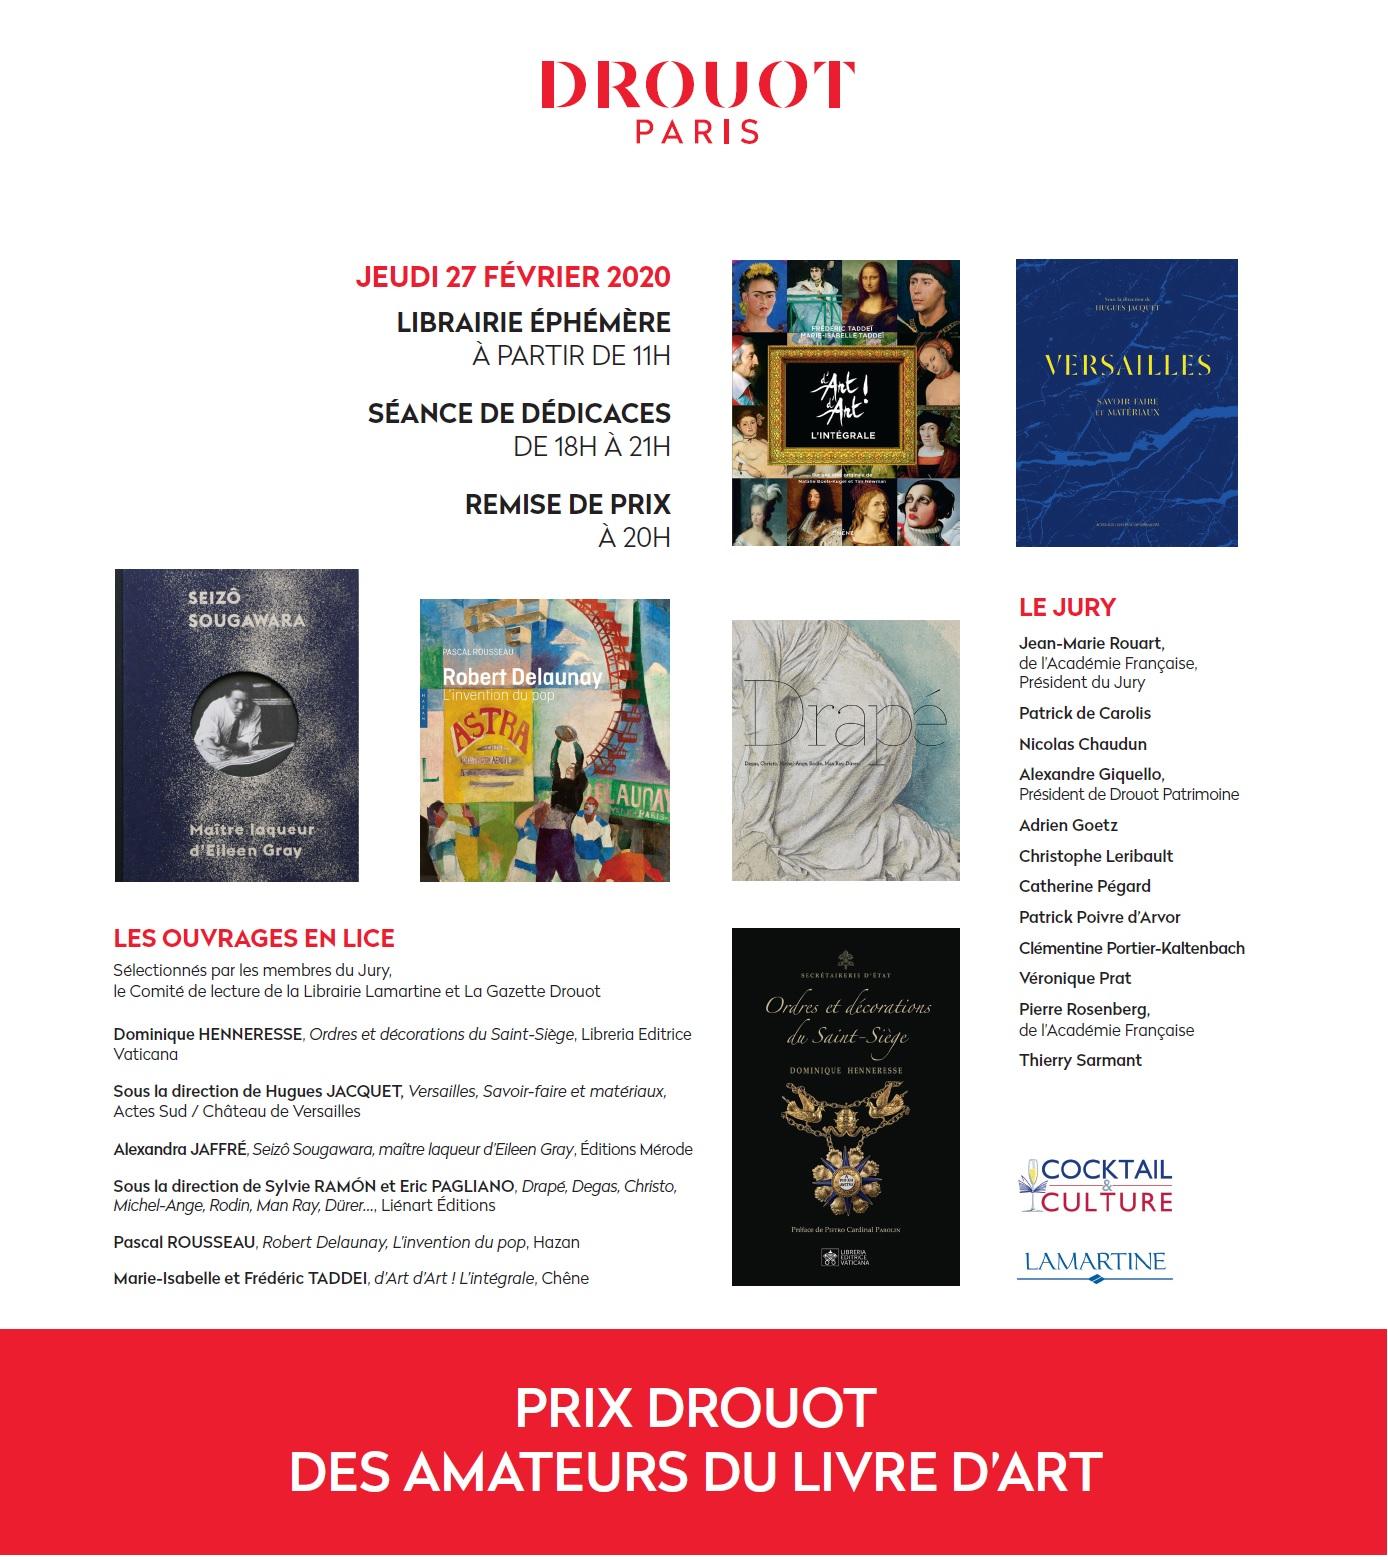 Gazette Drouot Finalistes Prix Drouot 2020